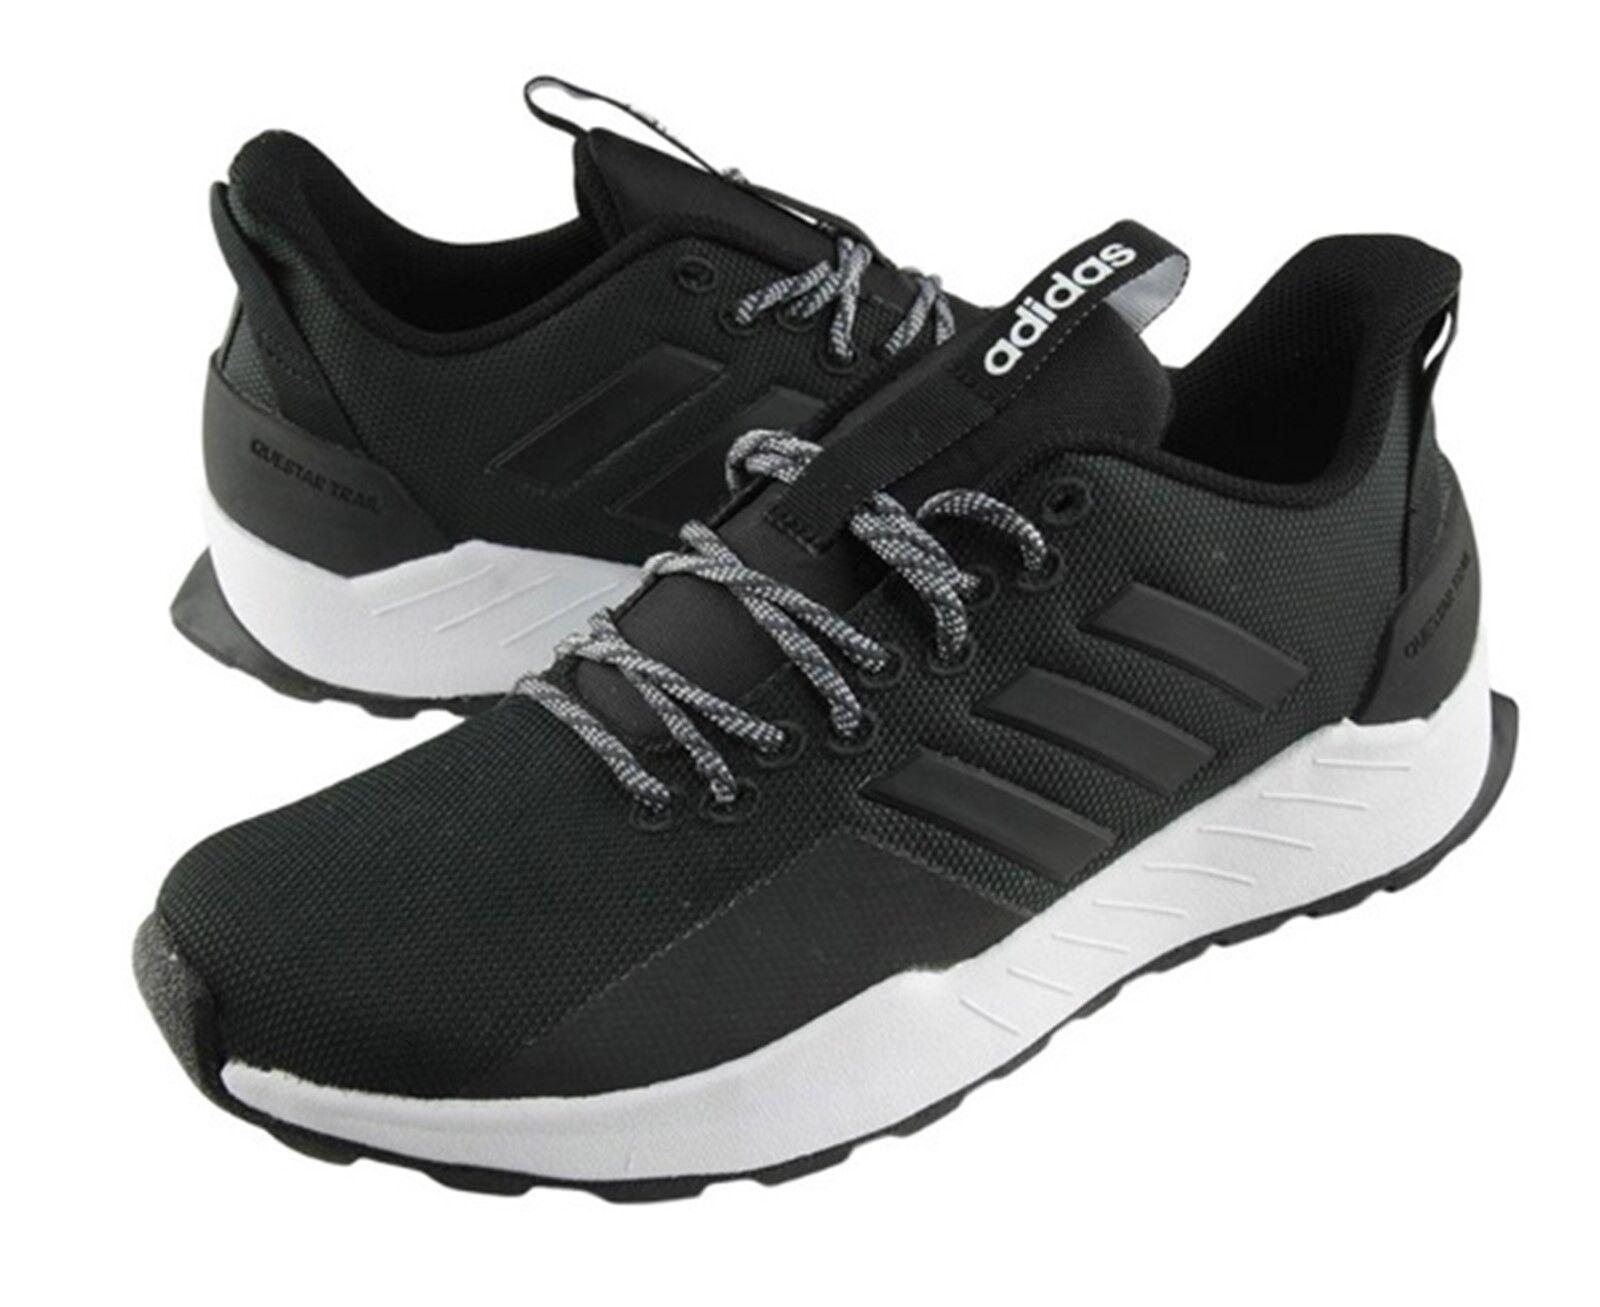 Zapatos De Entrenamiento Adidas Hombres QueEstrella Trail Negro Gimnasio Zapatos tenis de correr BB7438